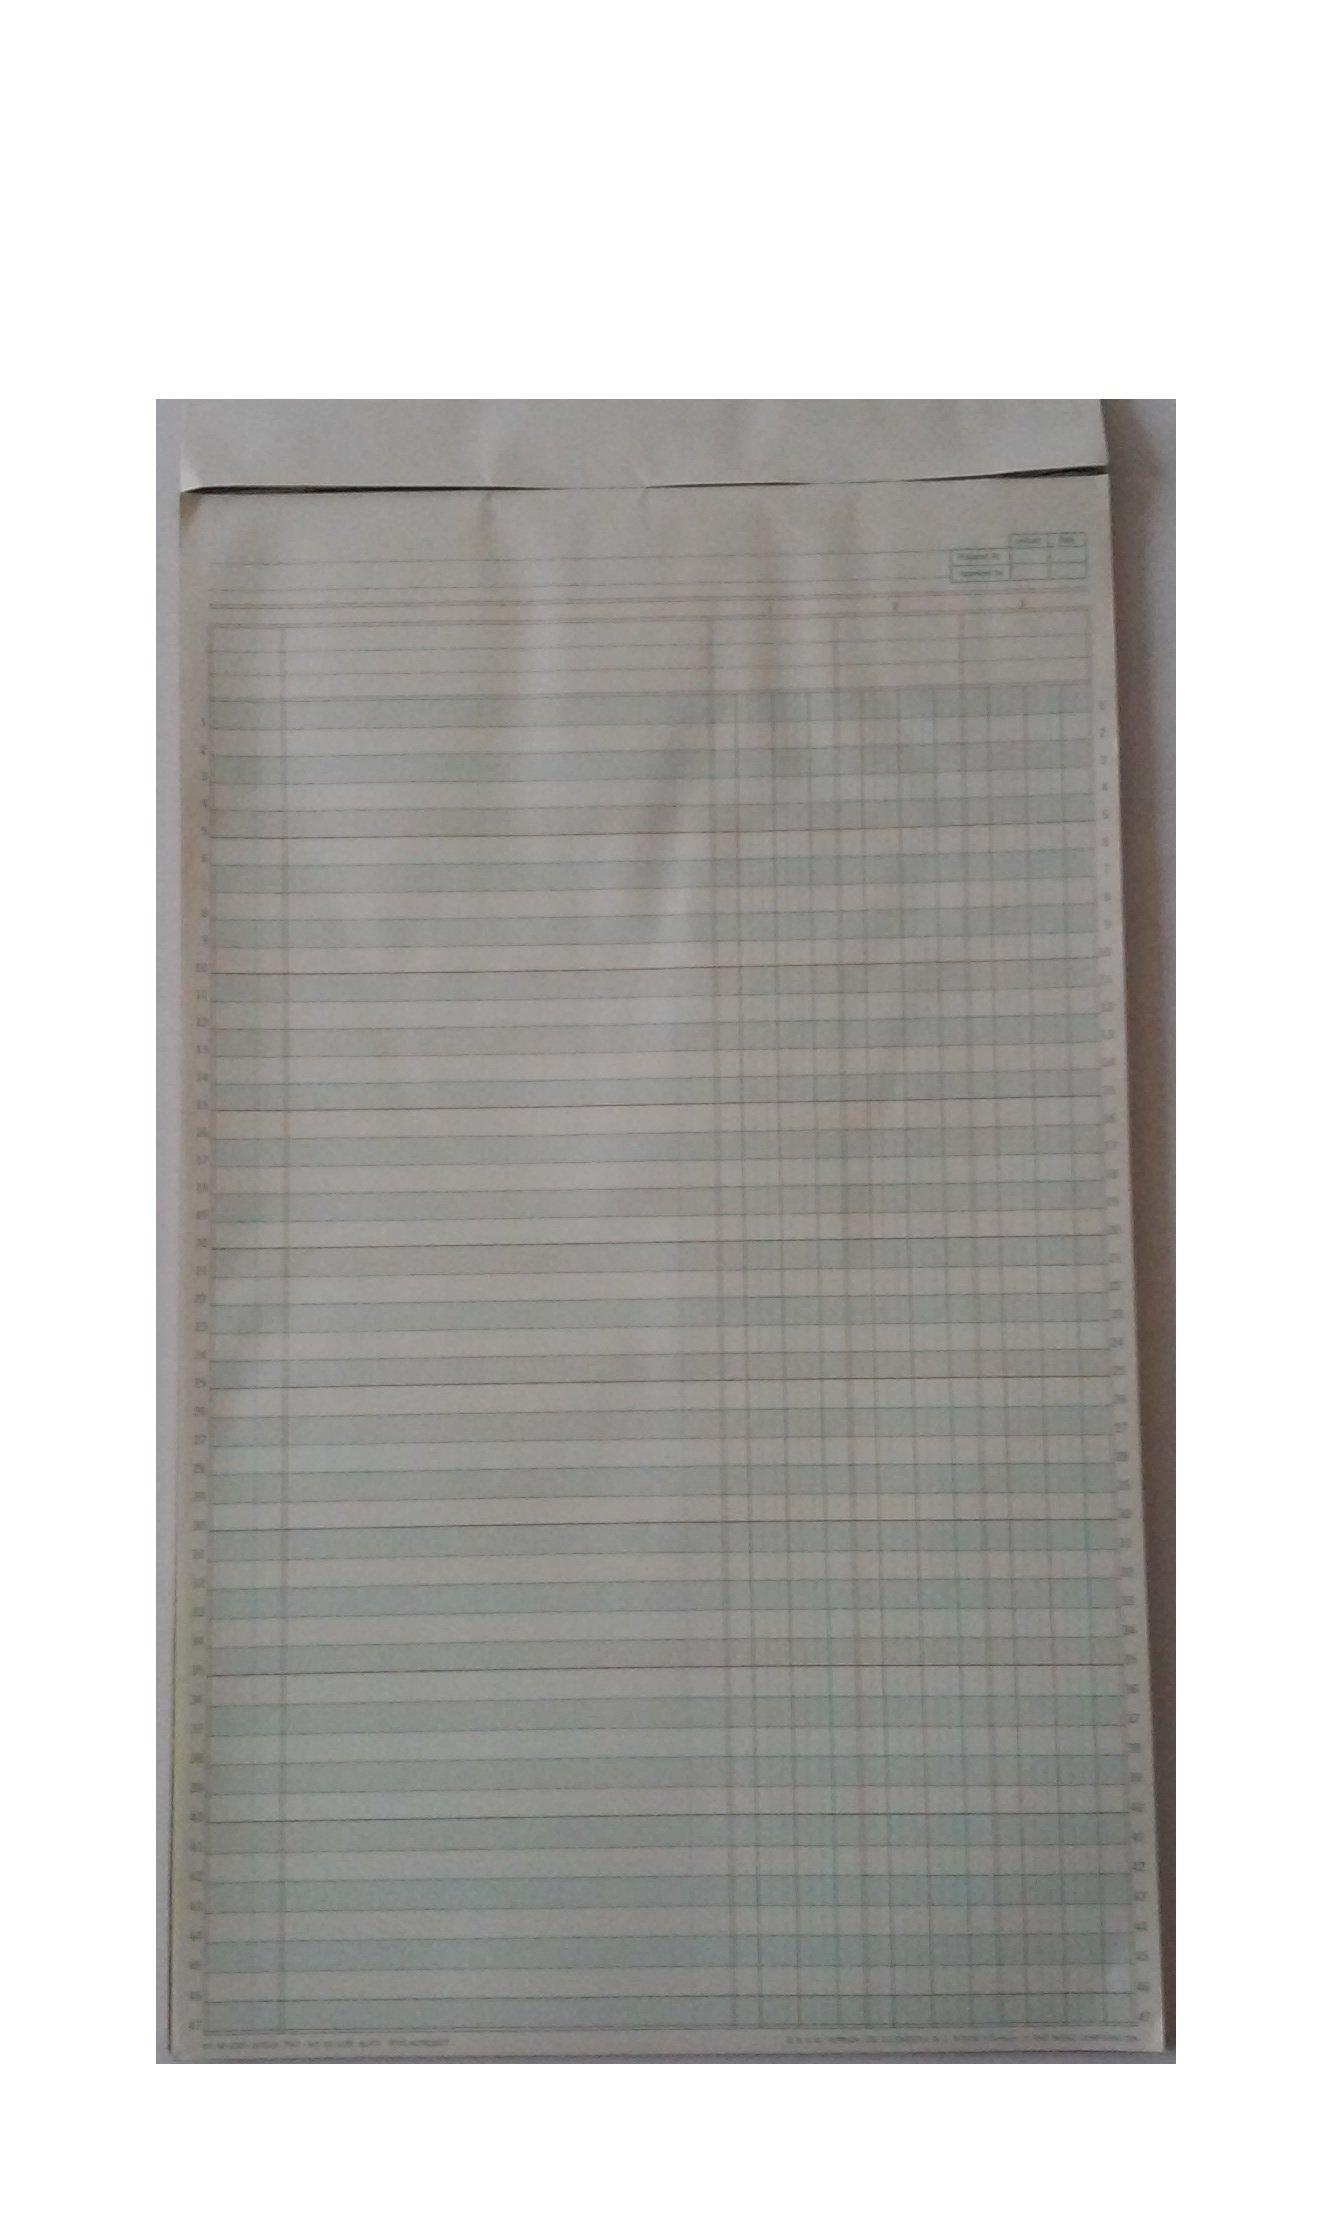 Vernon Royal rite-across 58-2330 Columnar Pad 8 1/2'' x 14'' 3 Columns 50 Sheets